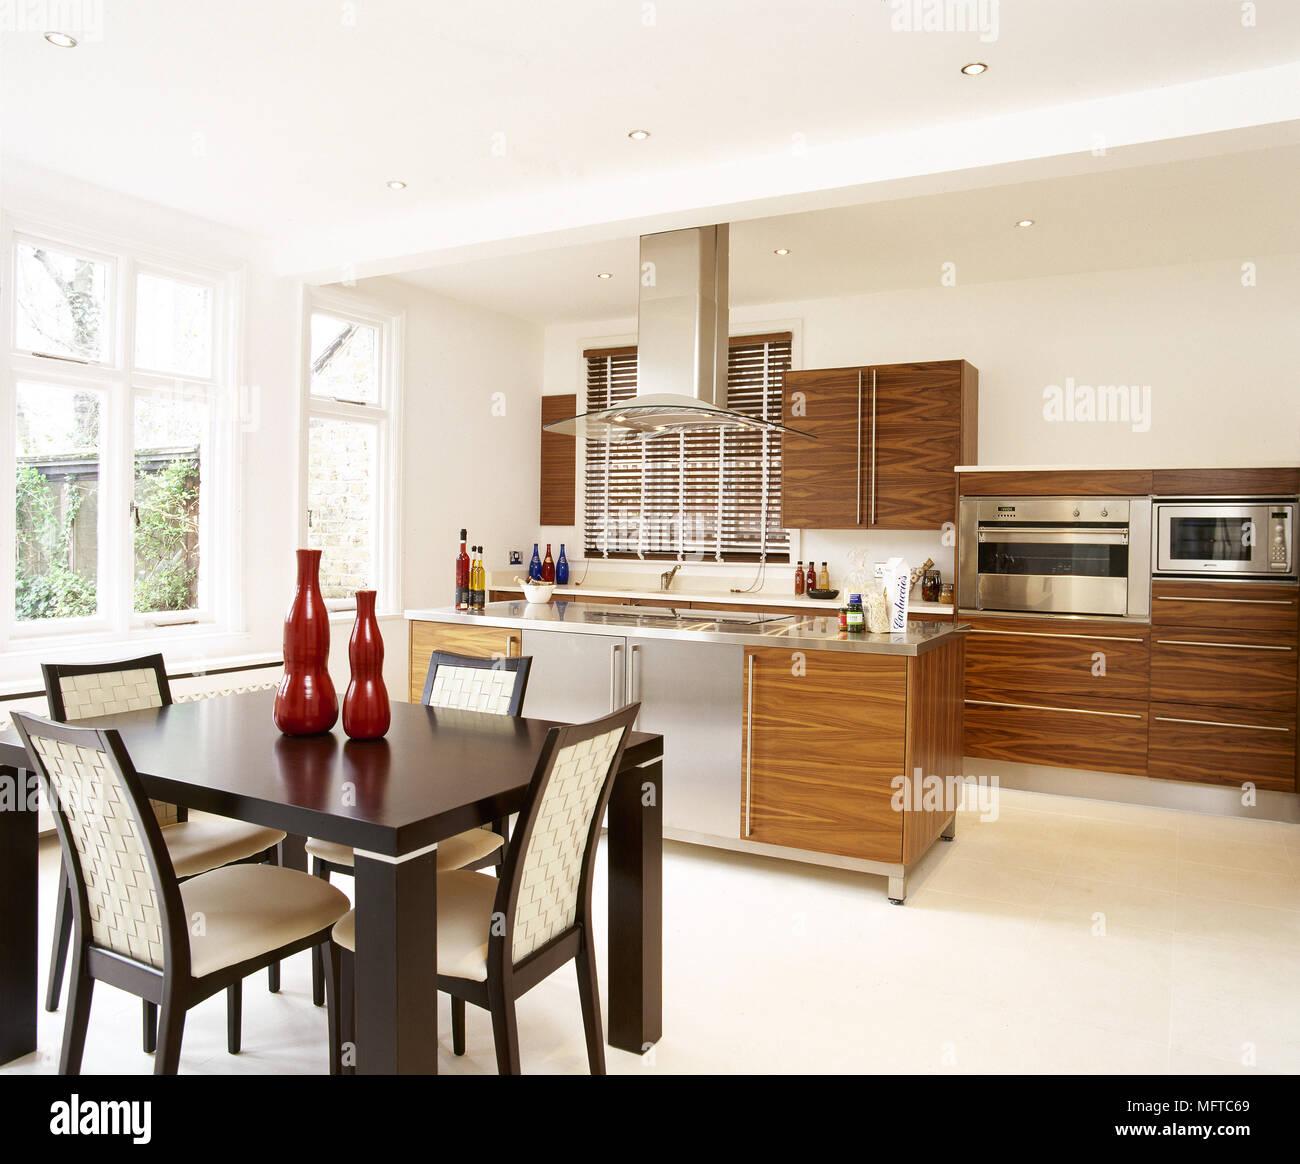 Leichte Küche Und Essbereich Mit Holzgehäuse, Zentrale Insel, Und Eine  Schwarze Holz Tisch Und Stühlen.